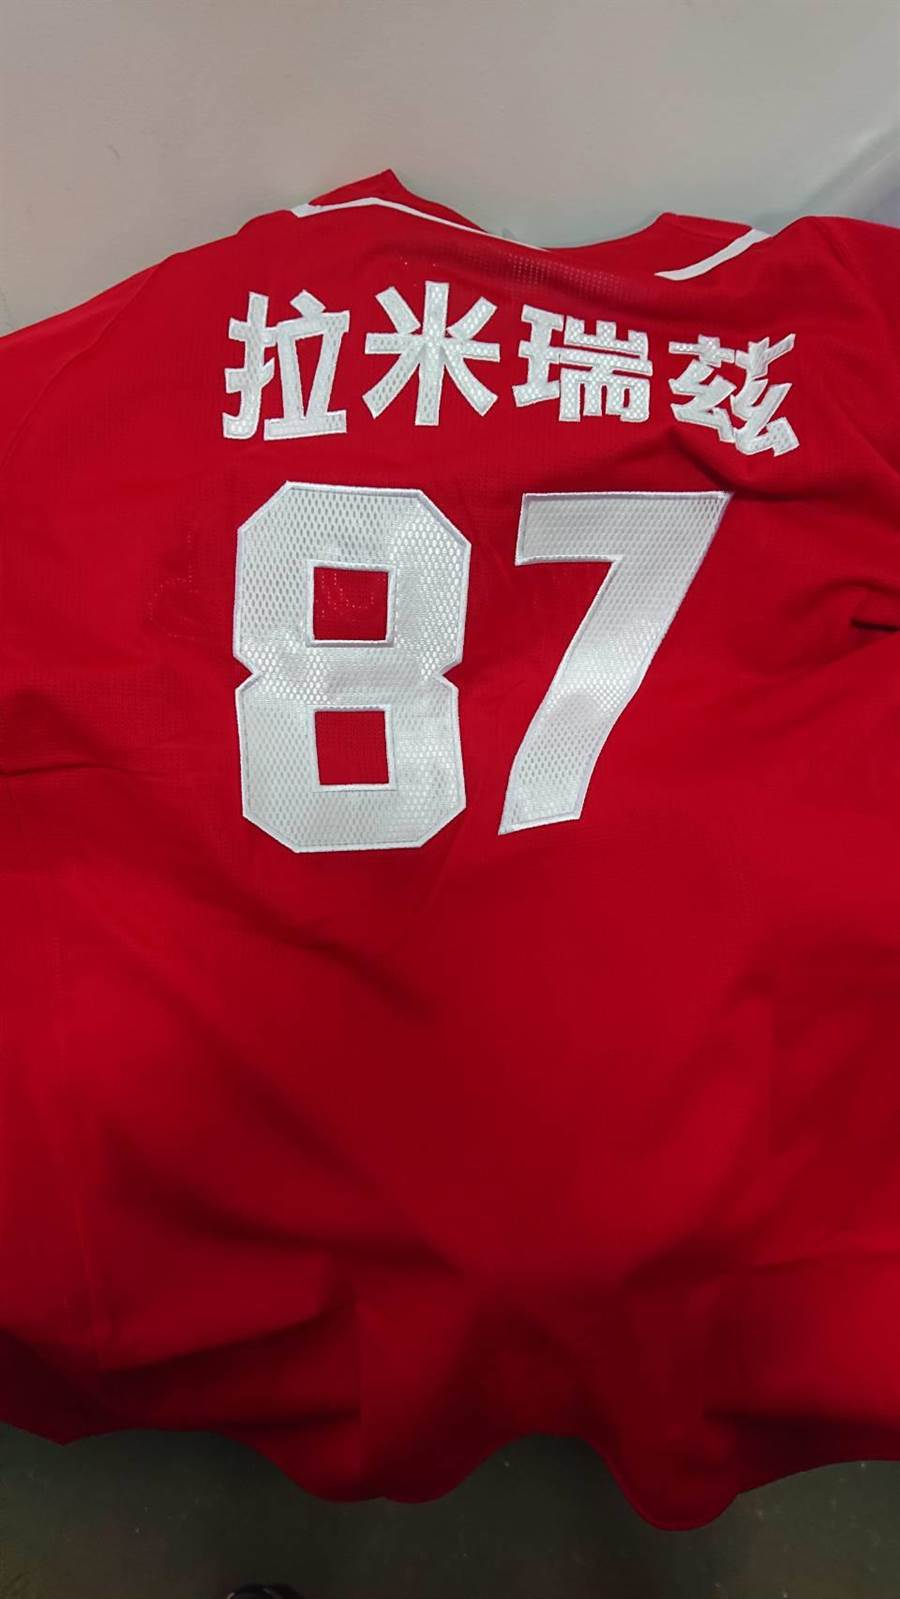 客座教練拉米瑞茲背號為87號,並非徐總的85號。(味全龍提供/鄧心瑜傳真)